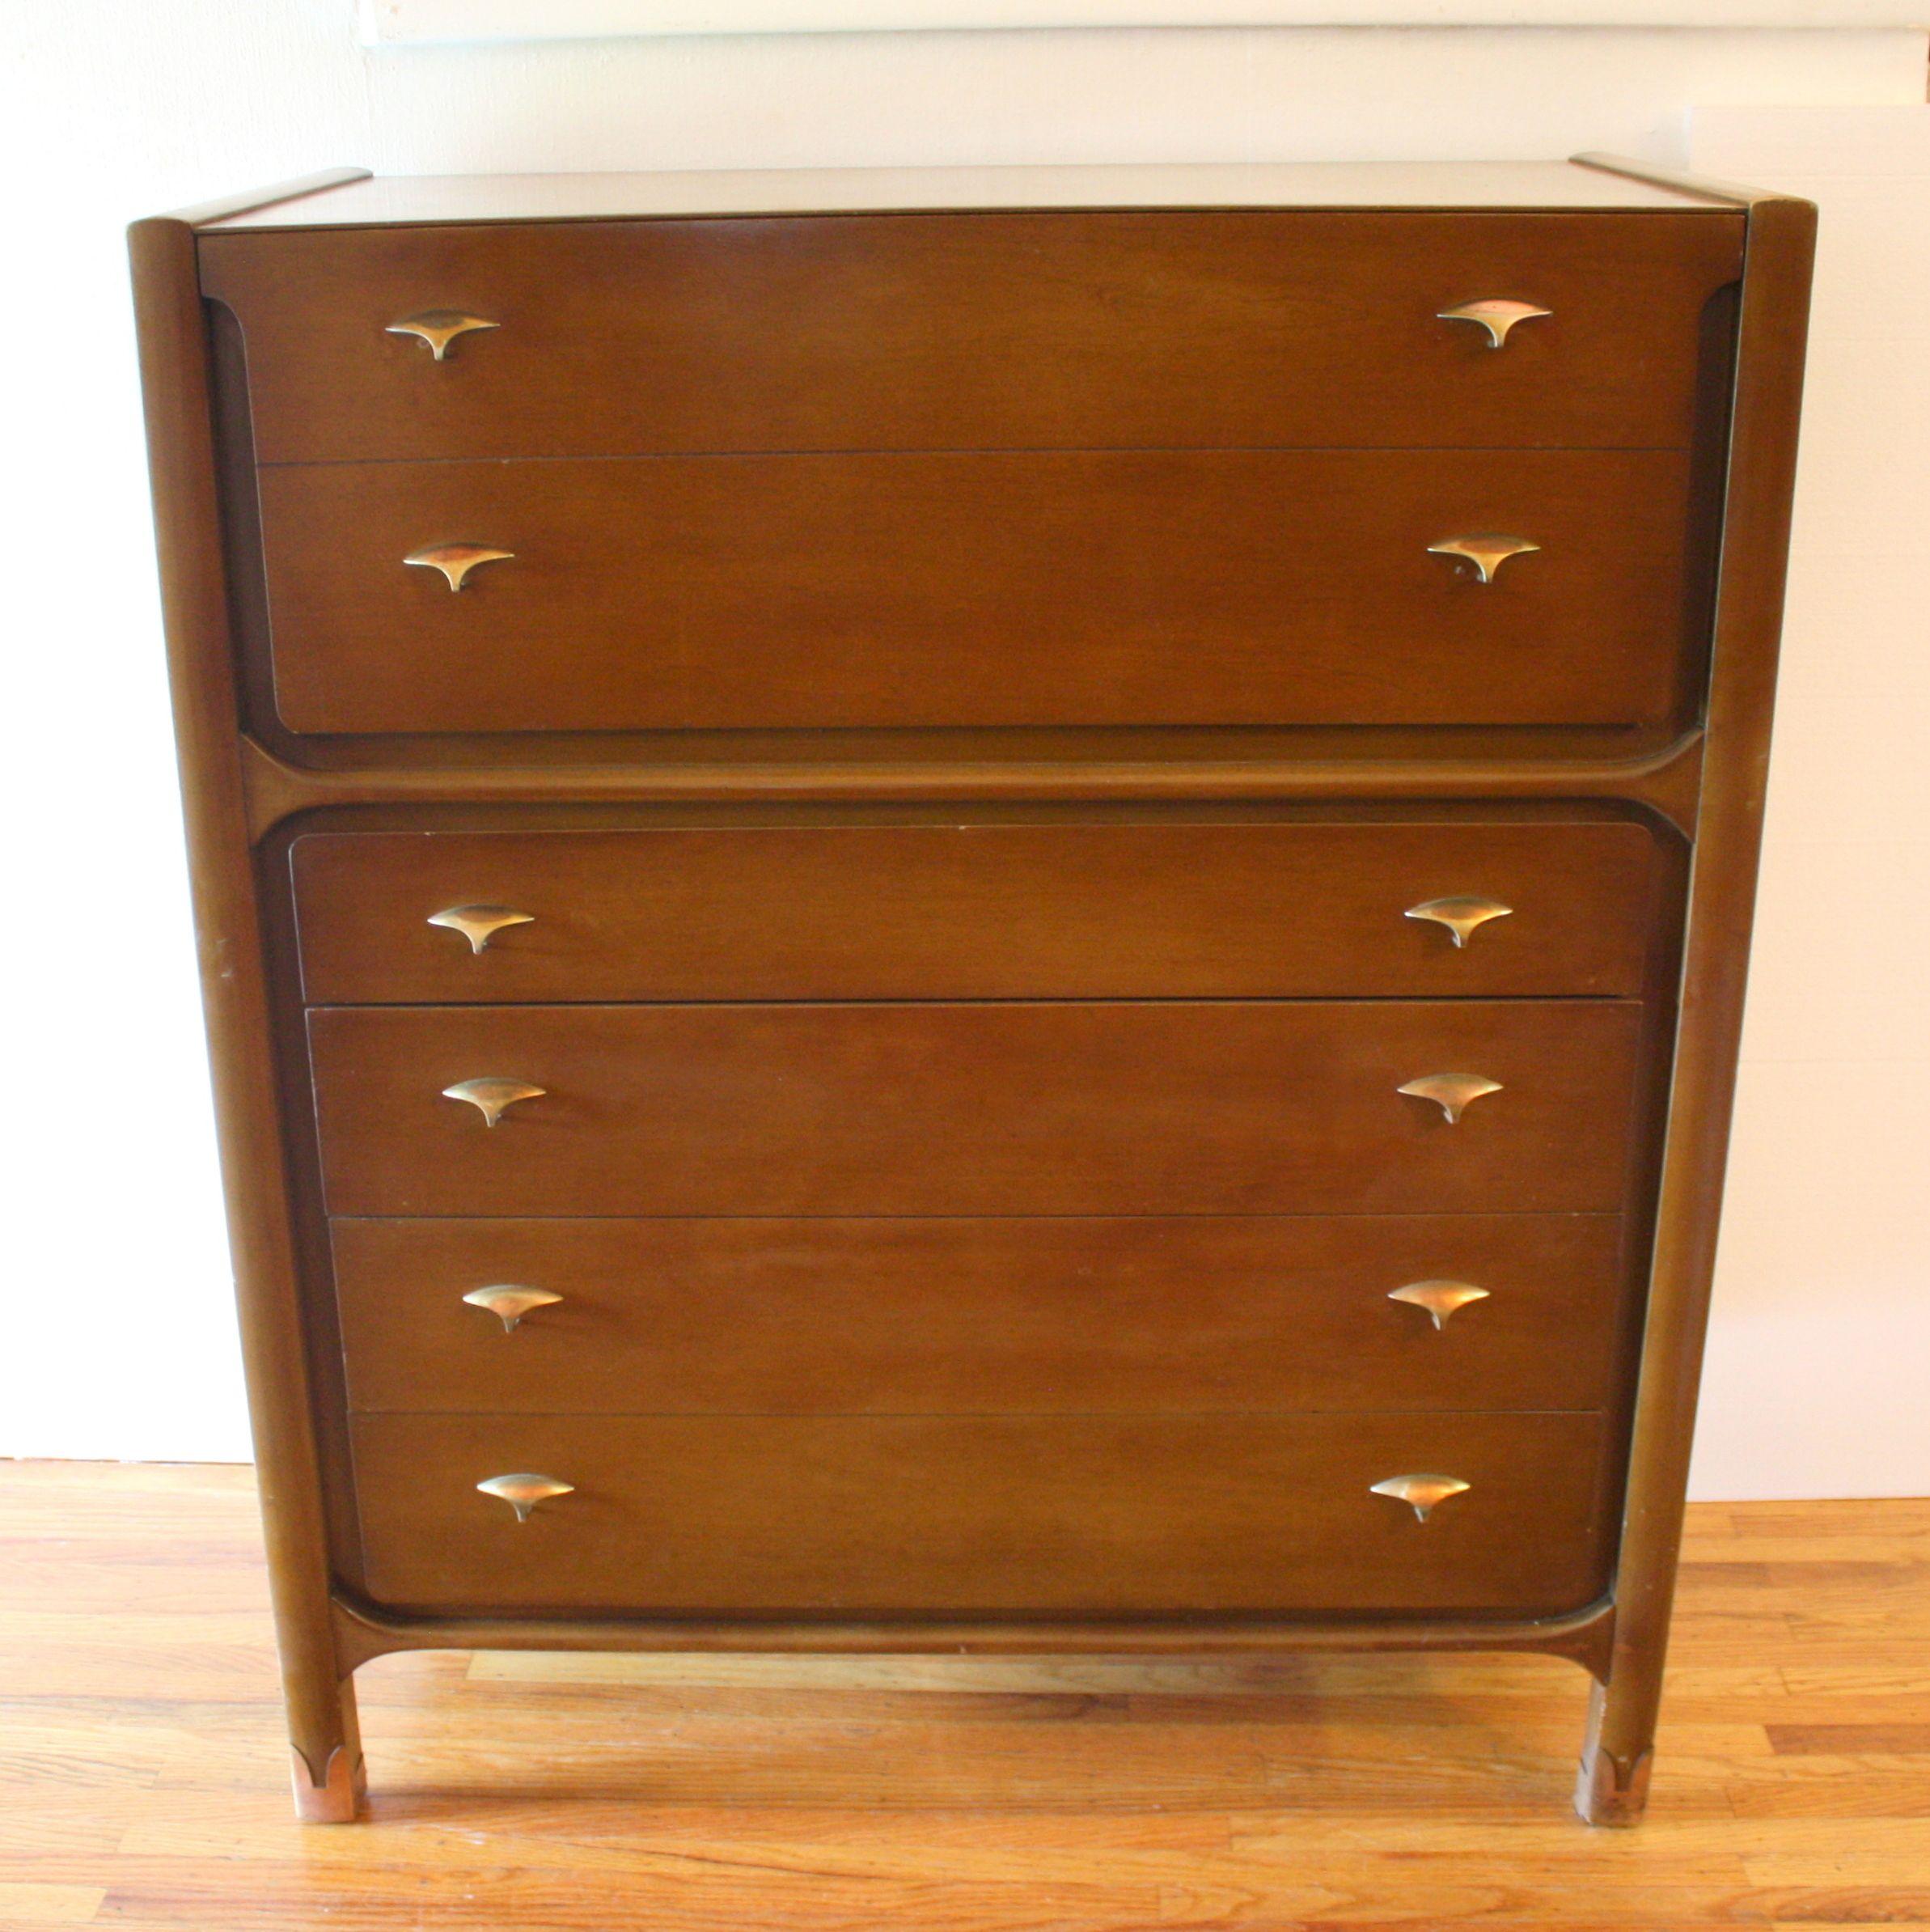 Mid century modern tall dresser by Unagusta with brass drawer pulls